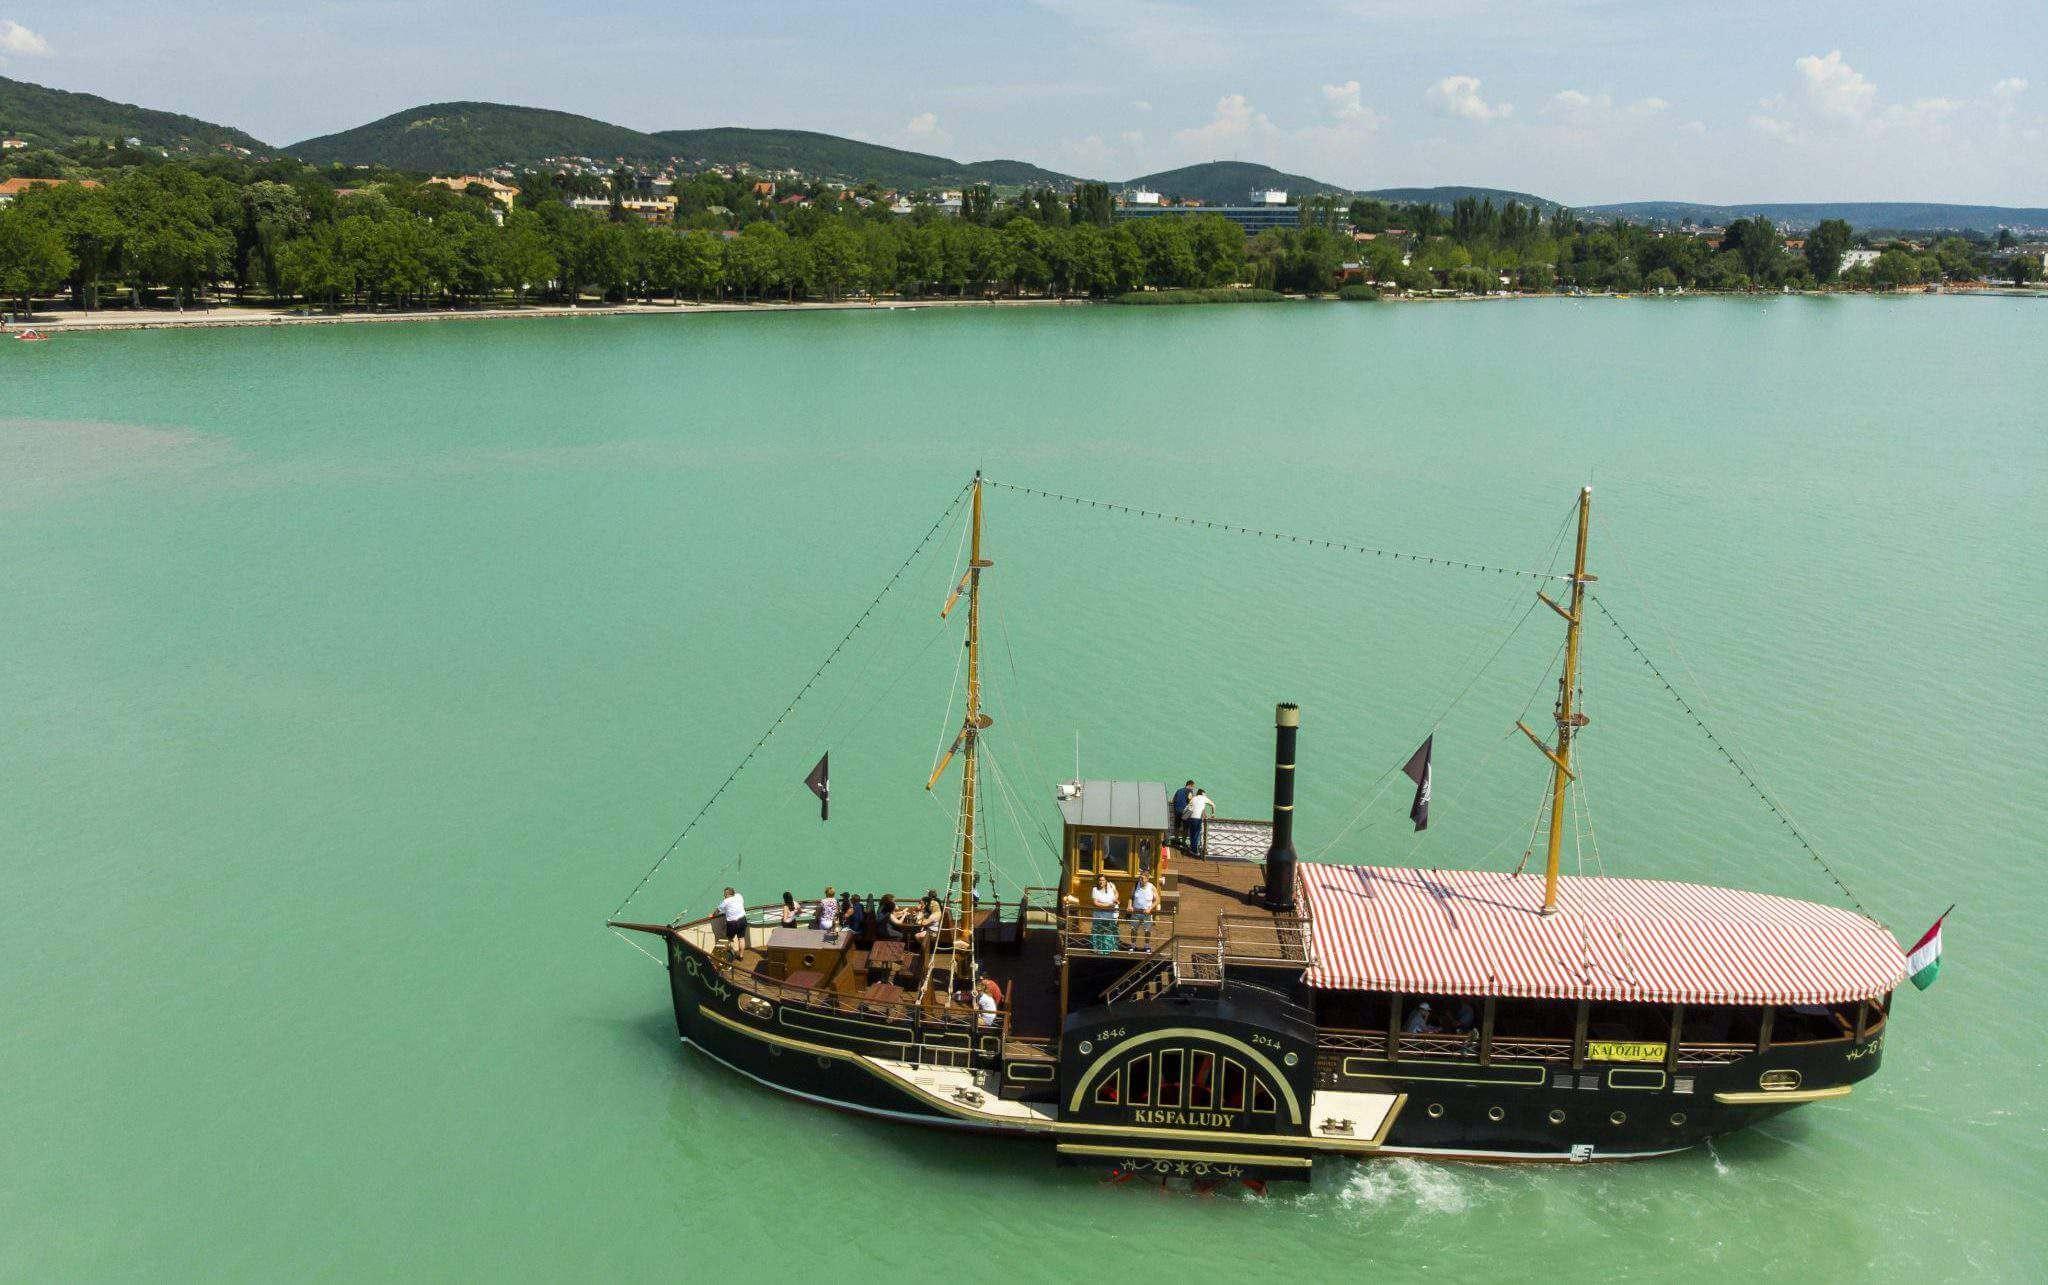 בודפשט בקיץ ביולי מזג אוויר - אגם בלטון